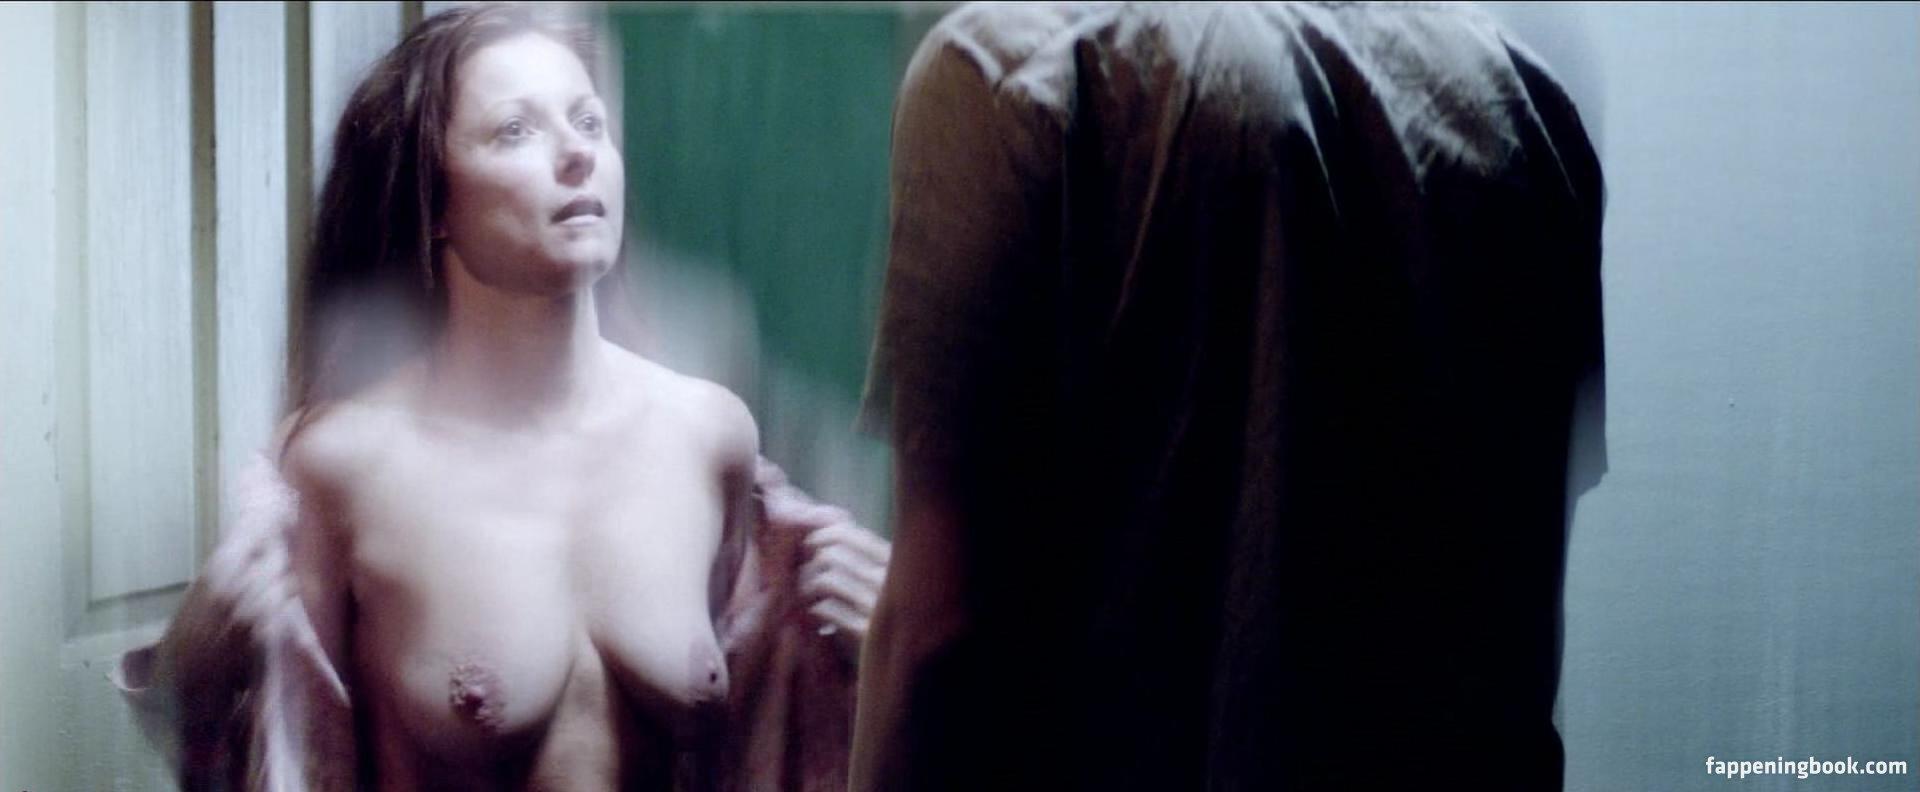 Simone Buchanan Nude